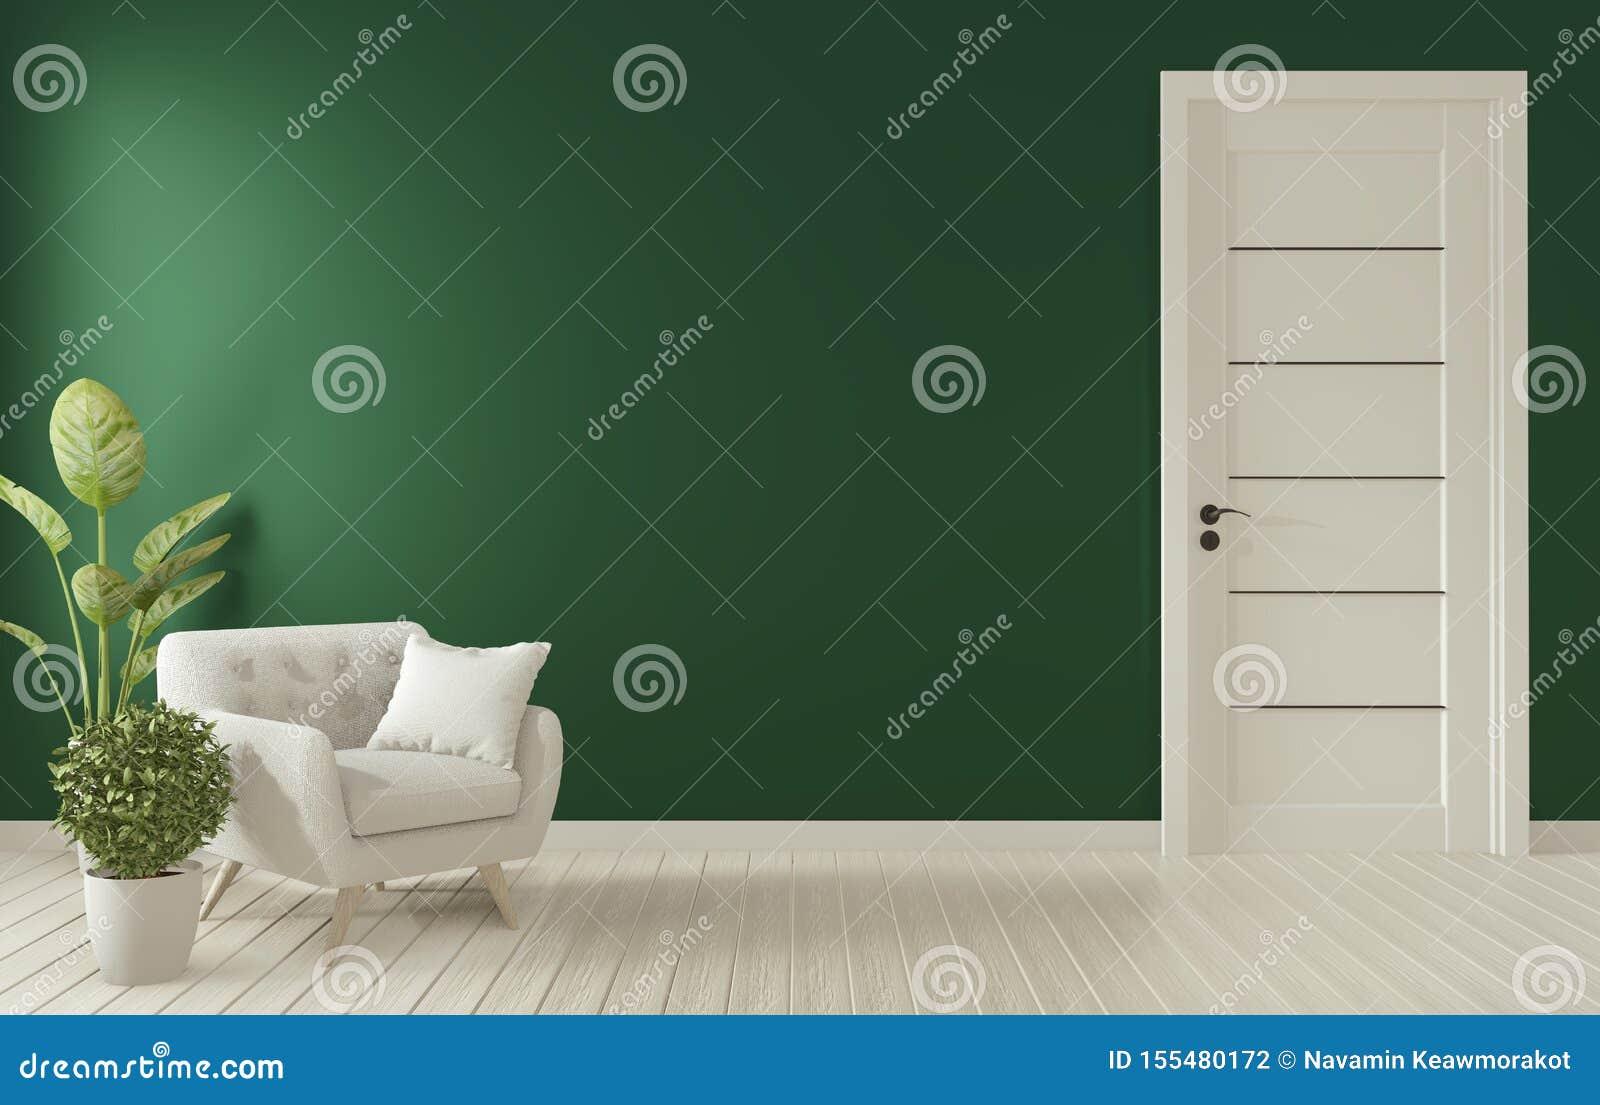 Mock omhoog - Mock omhoog posterframe op donkergroene woonkamer binnenshuis 3D-rendering